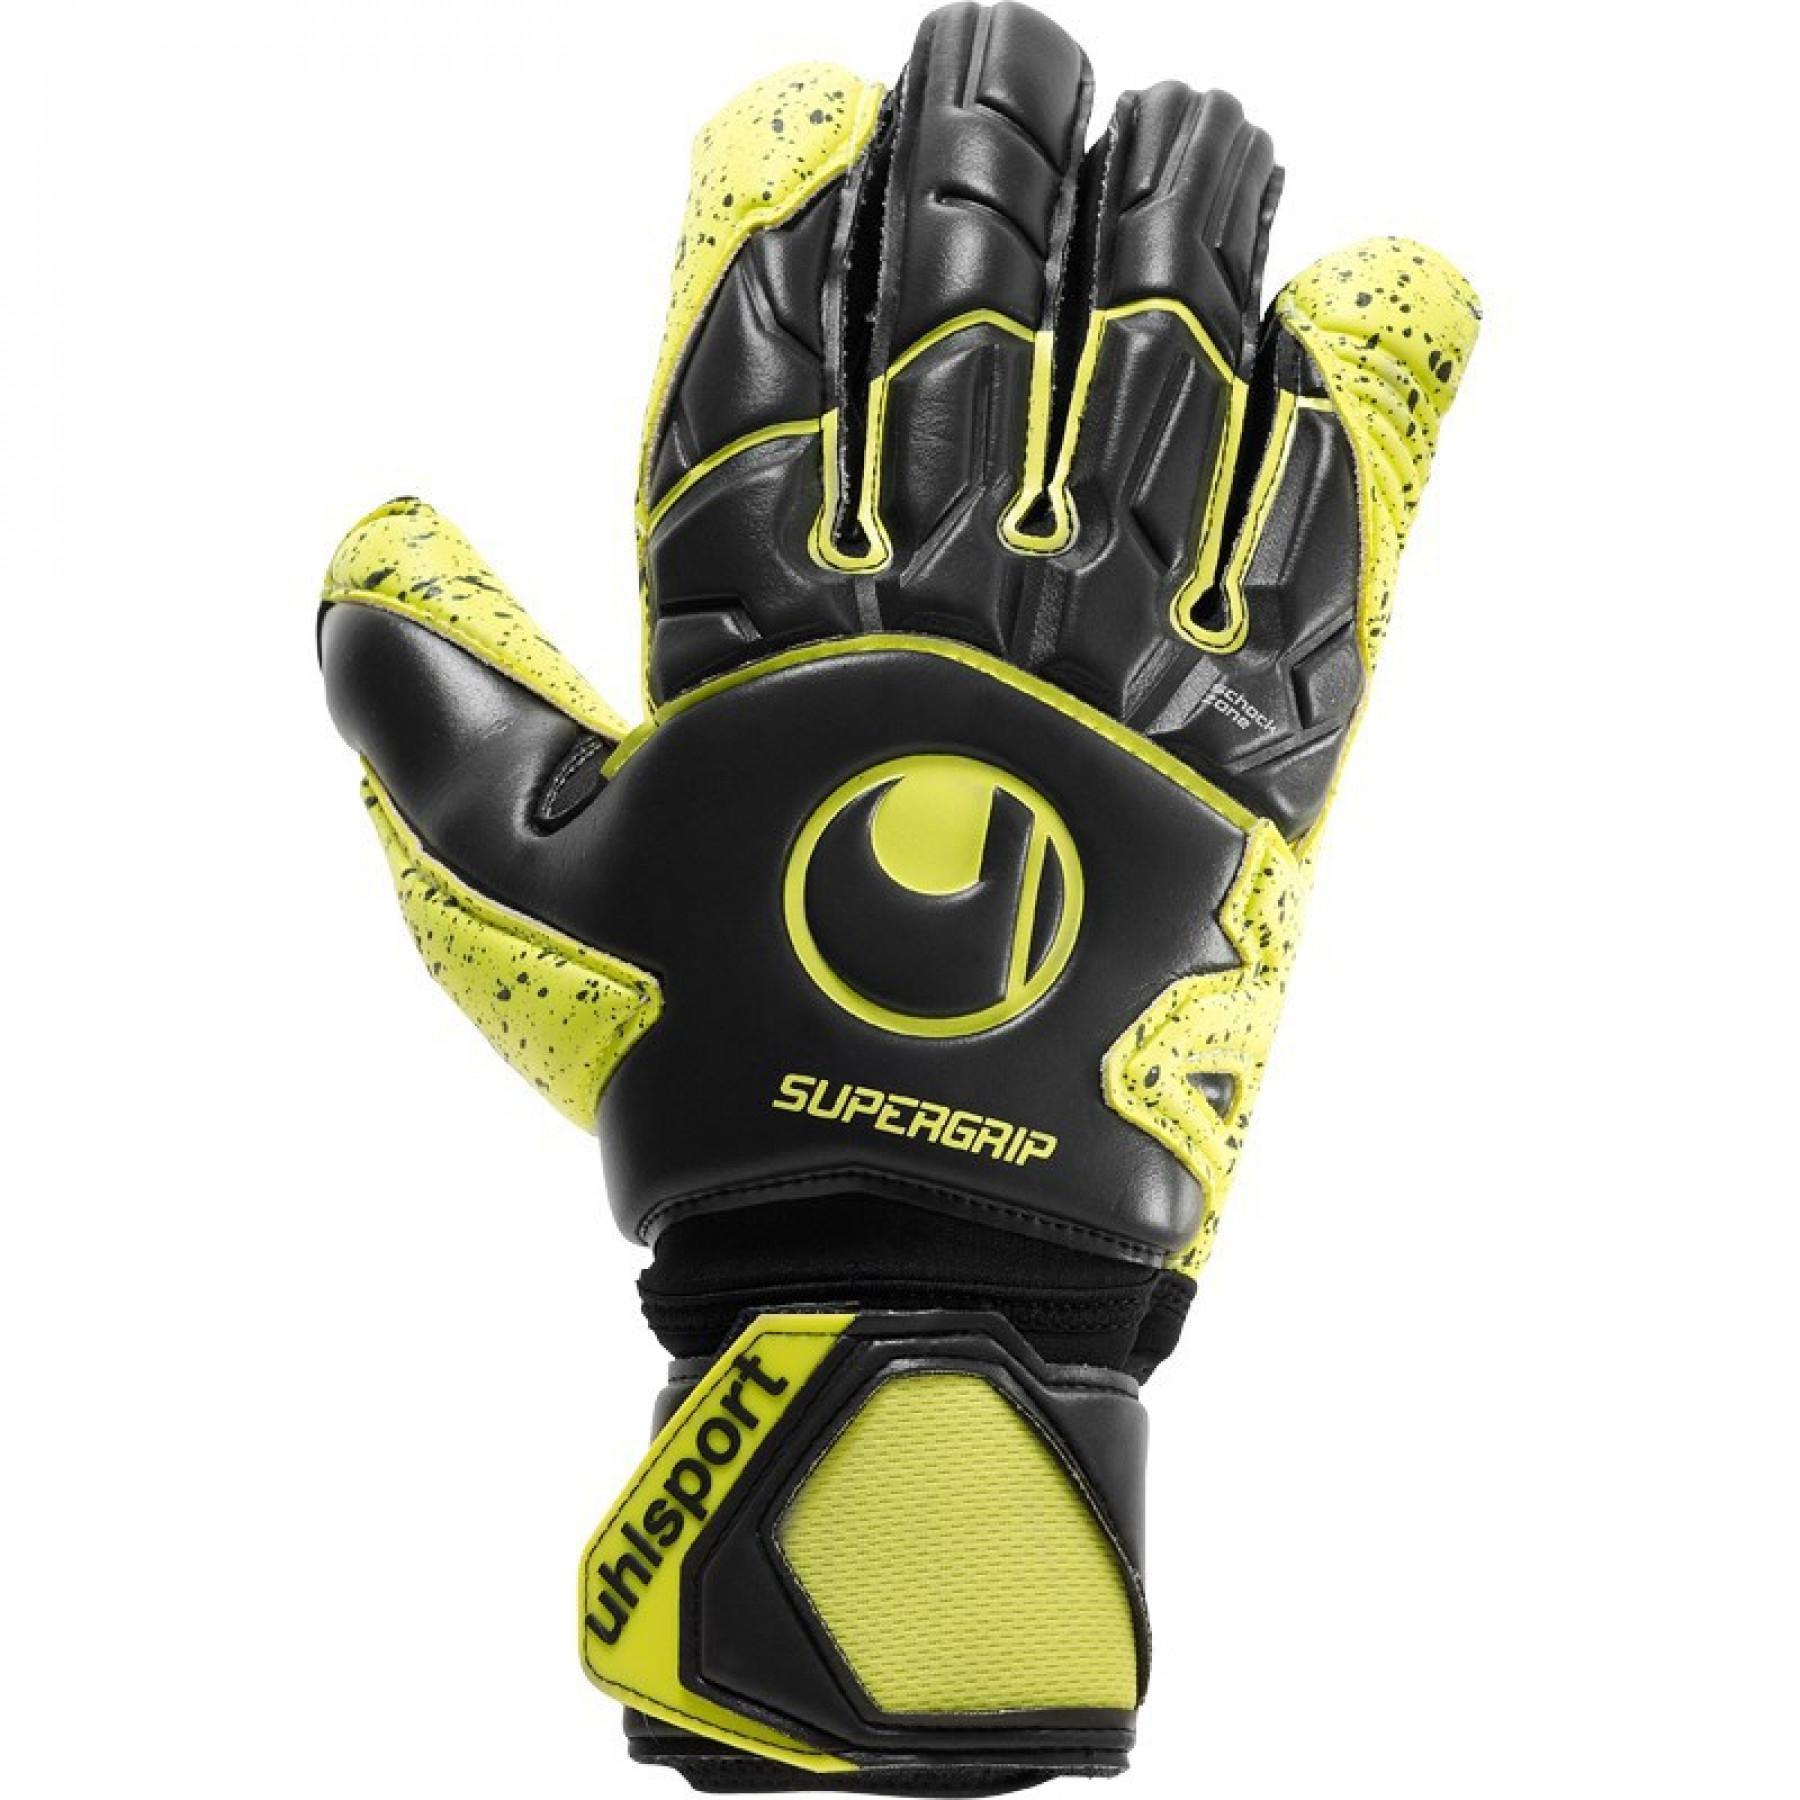 Goalkeeper gloves Uhlsport Supergrip Flex Frame Carbon